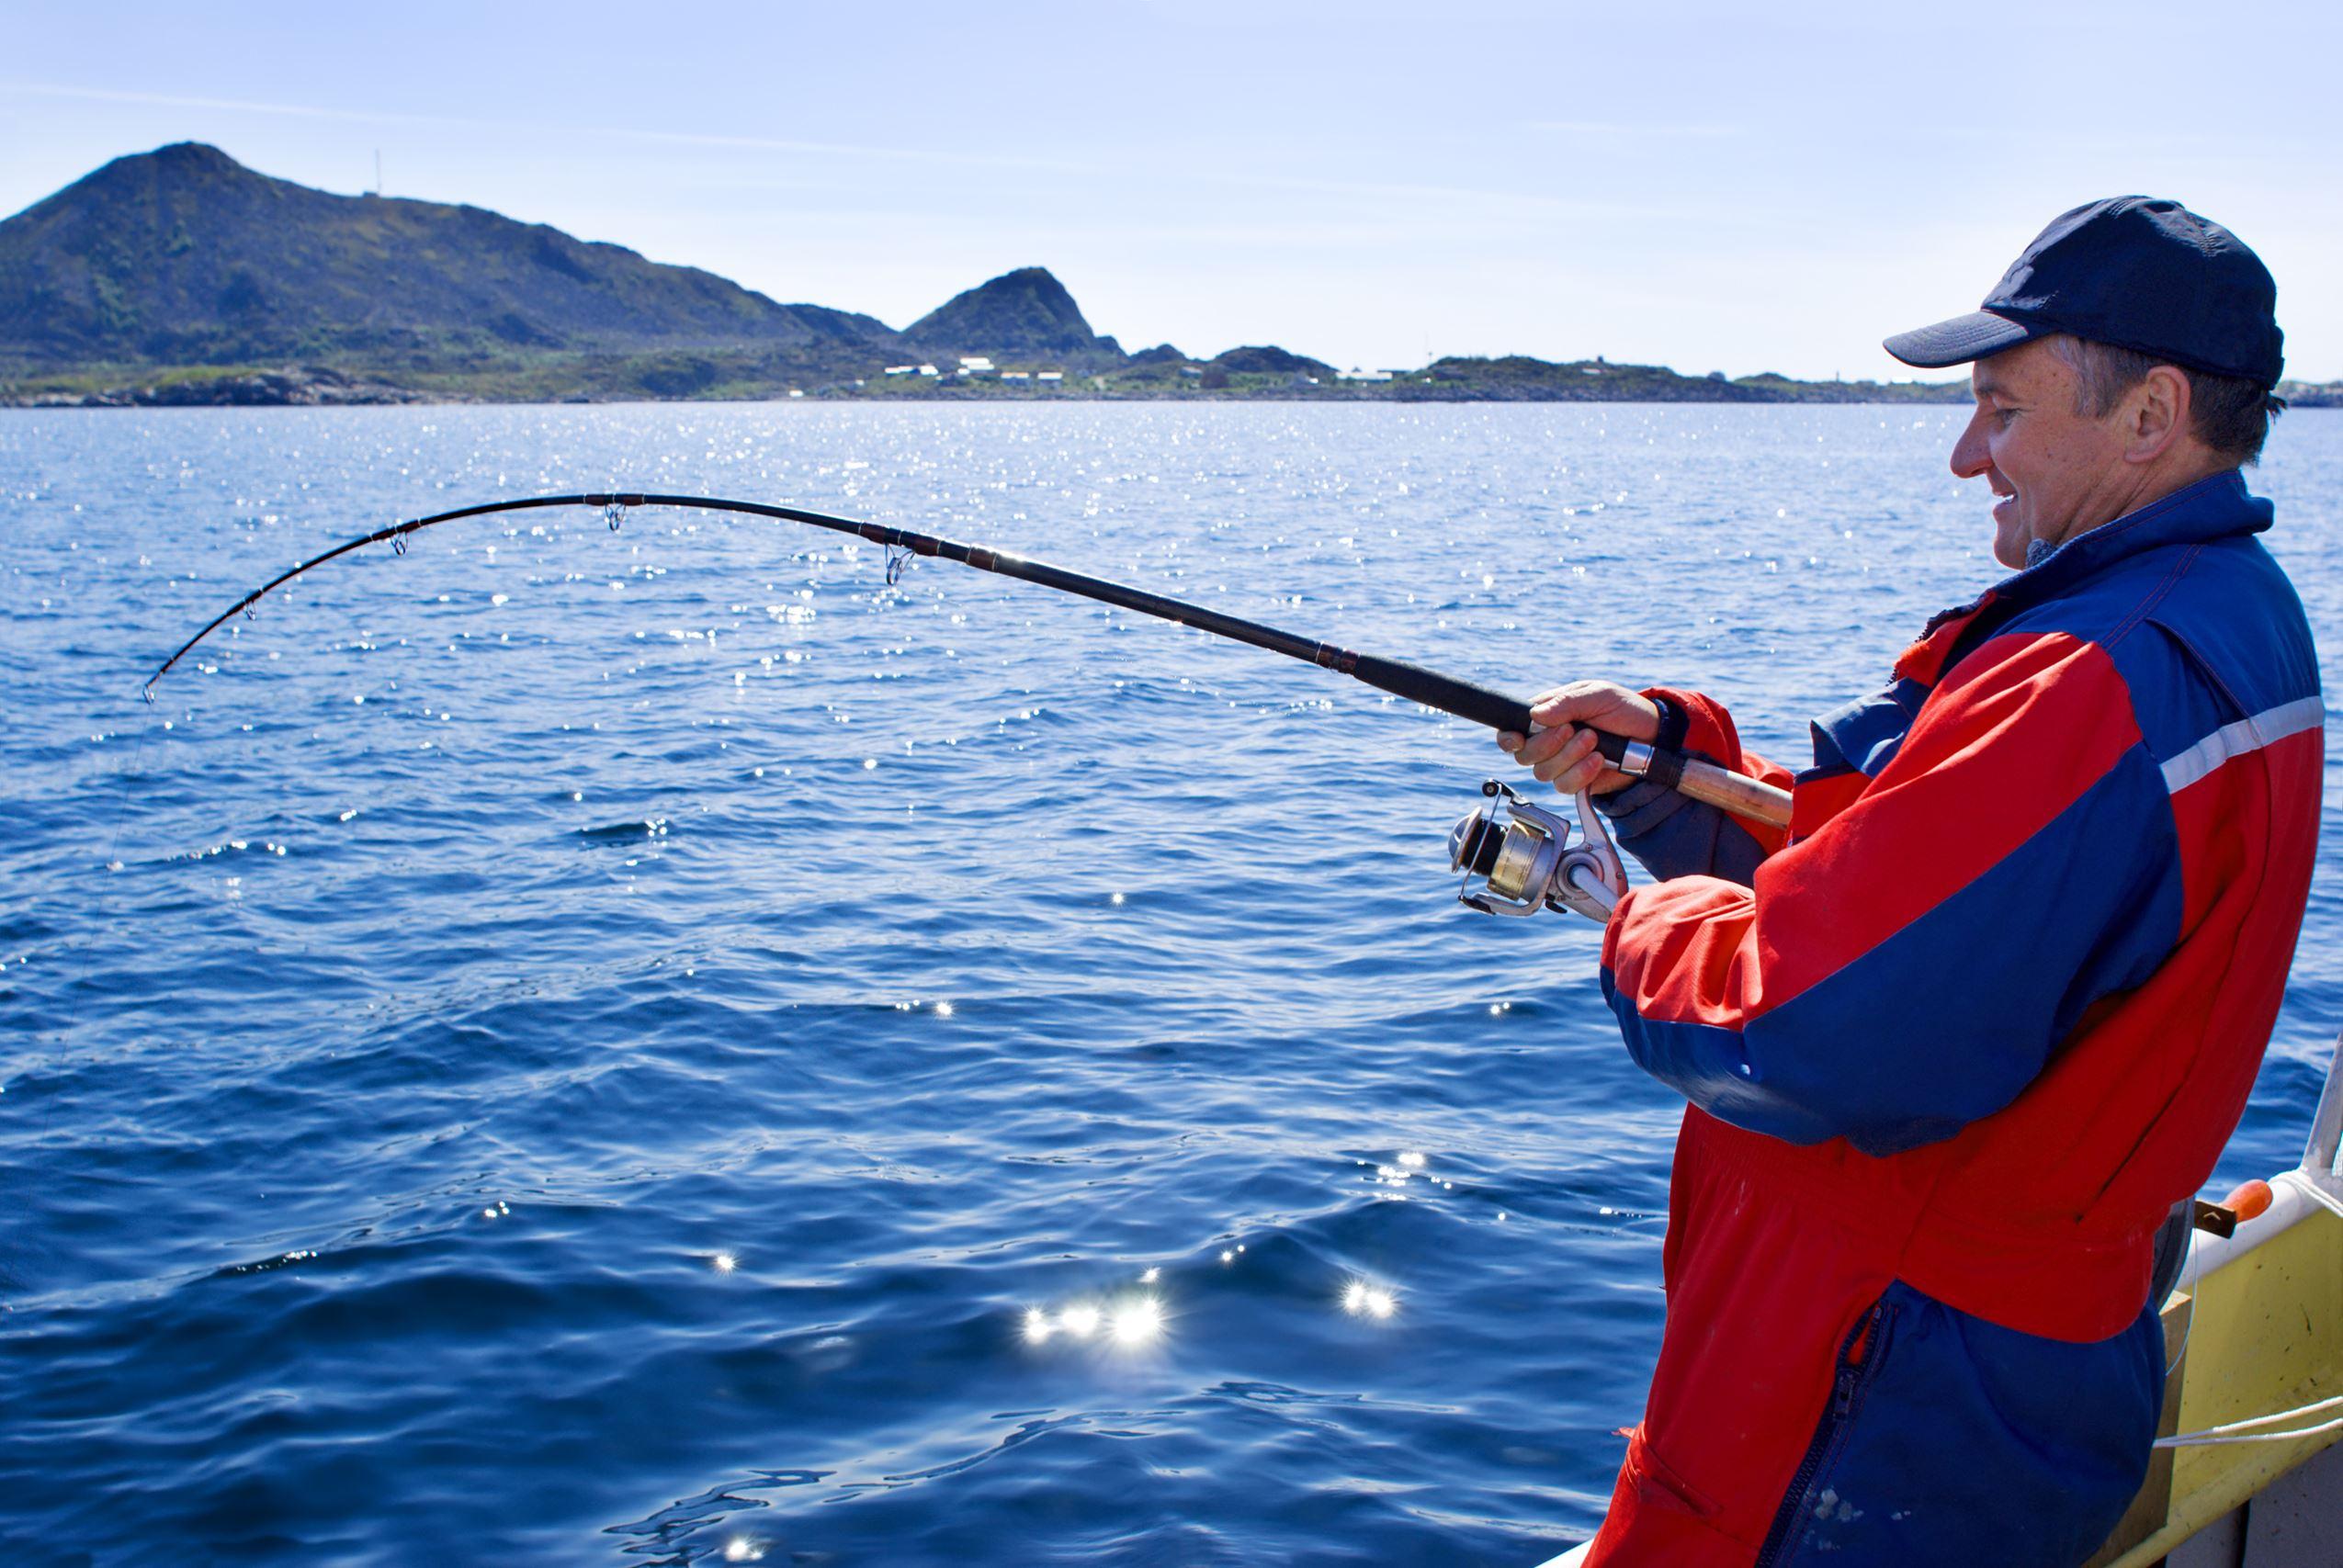 Sjøfiske fra land - Aurora Alps